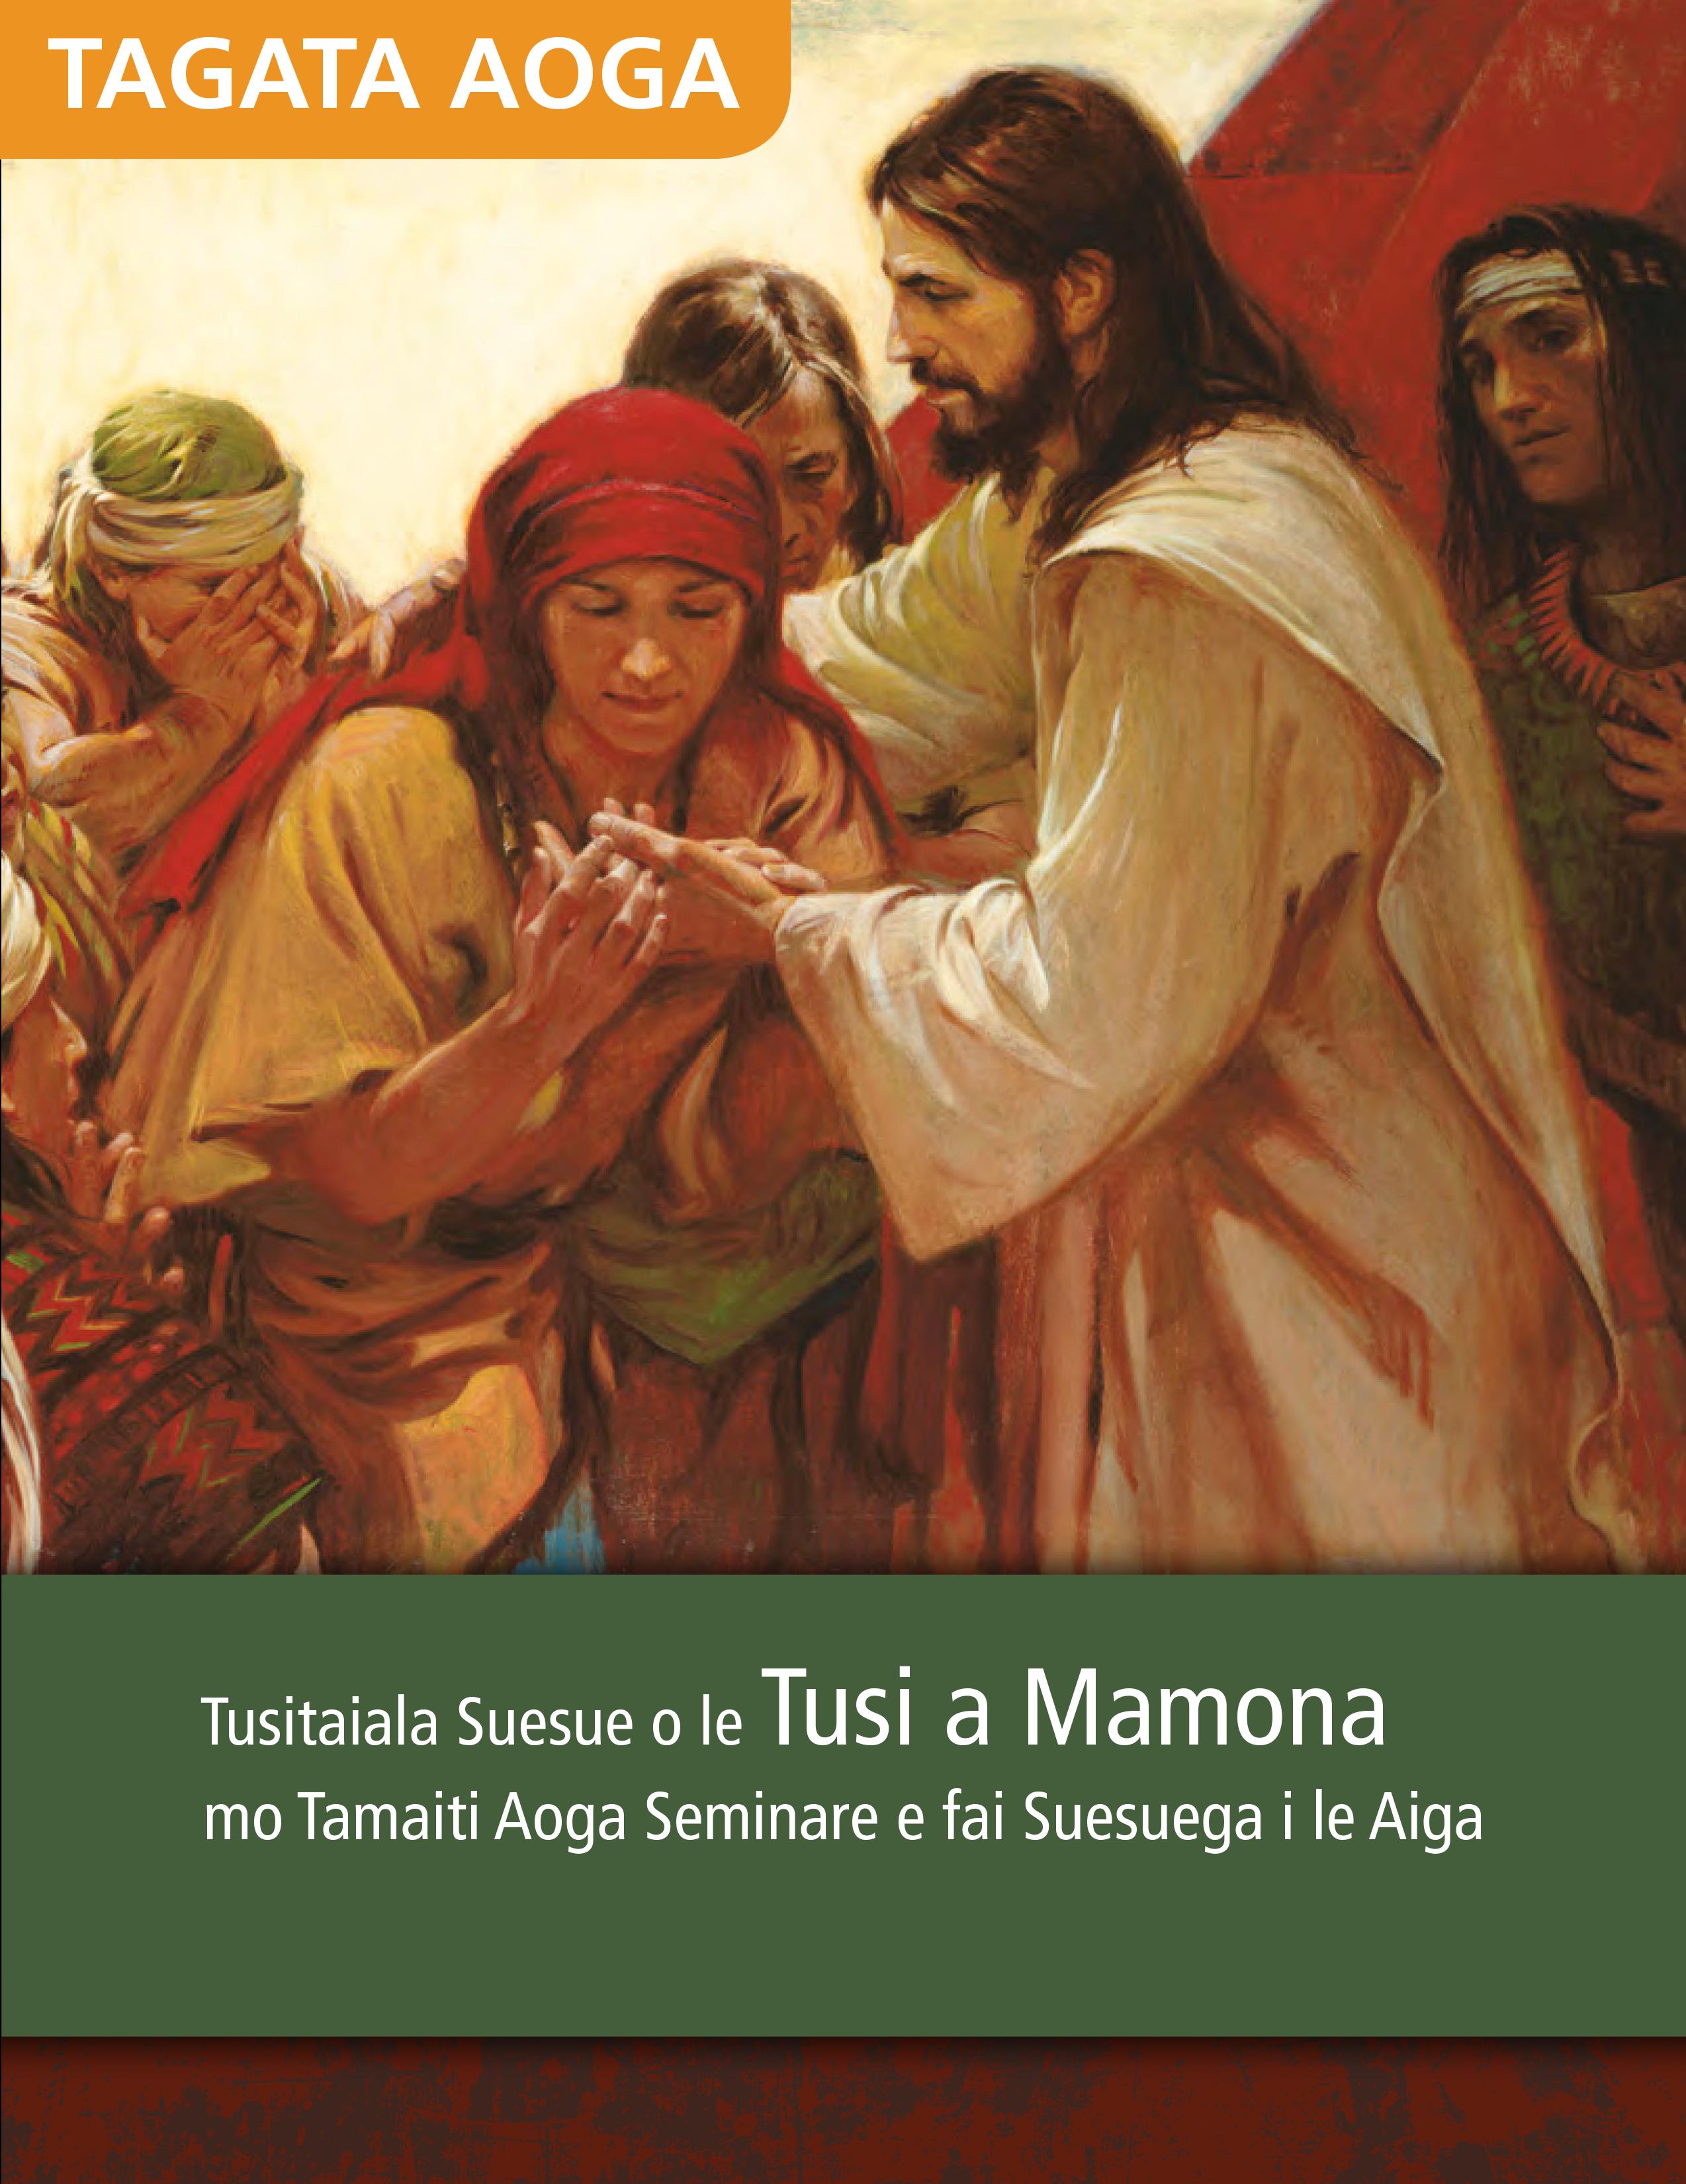 Tusitaiala Suesue o le Tusi a Mamona mo Tamaiti Aoga Seminare e fai Suesuega i le Aiga